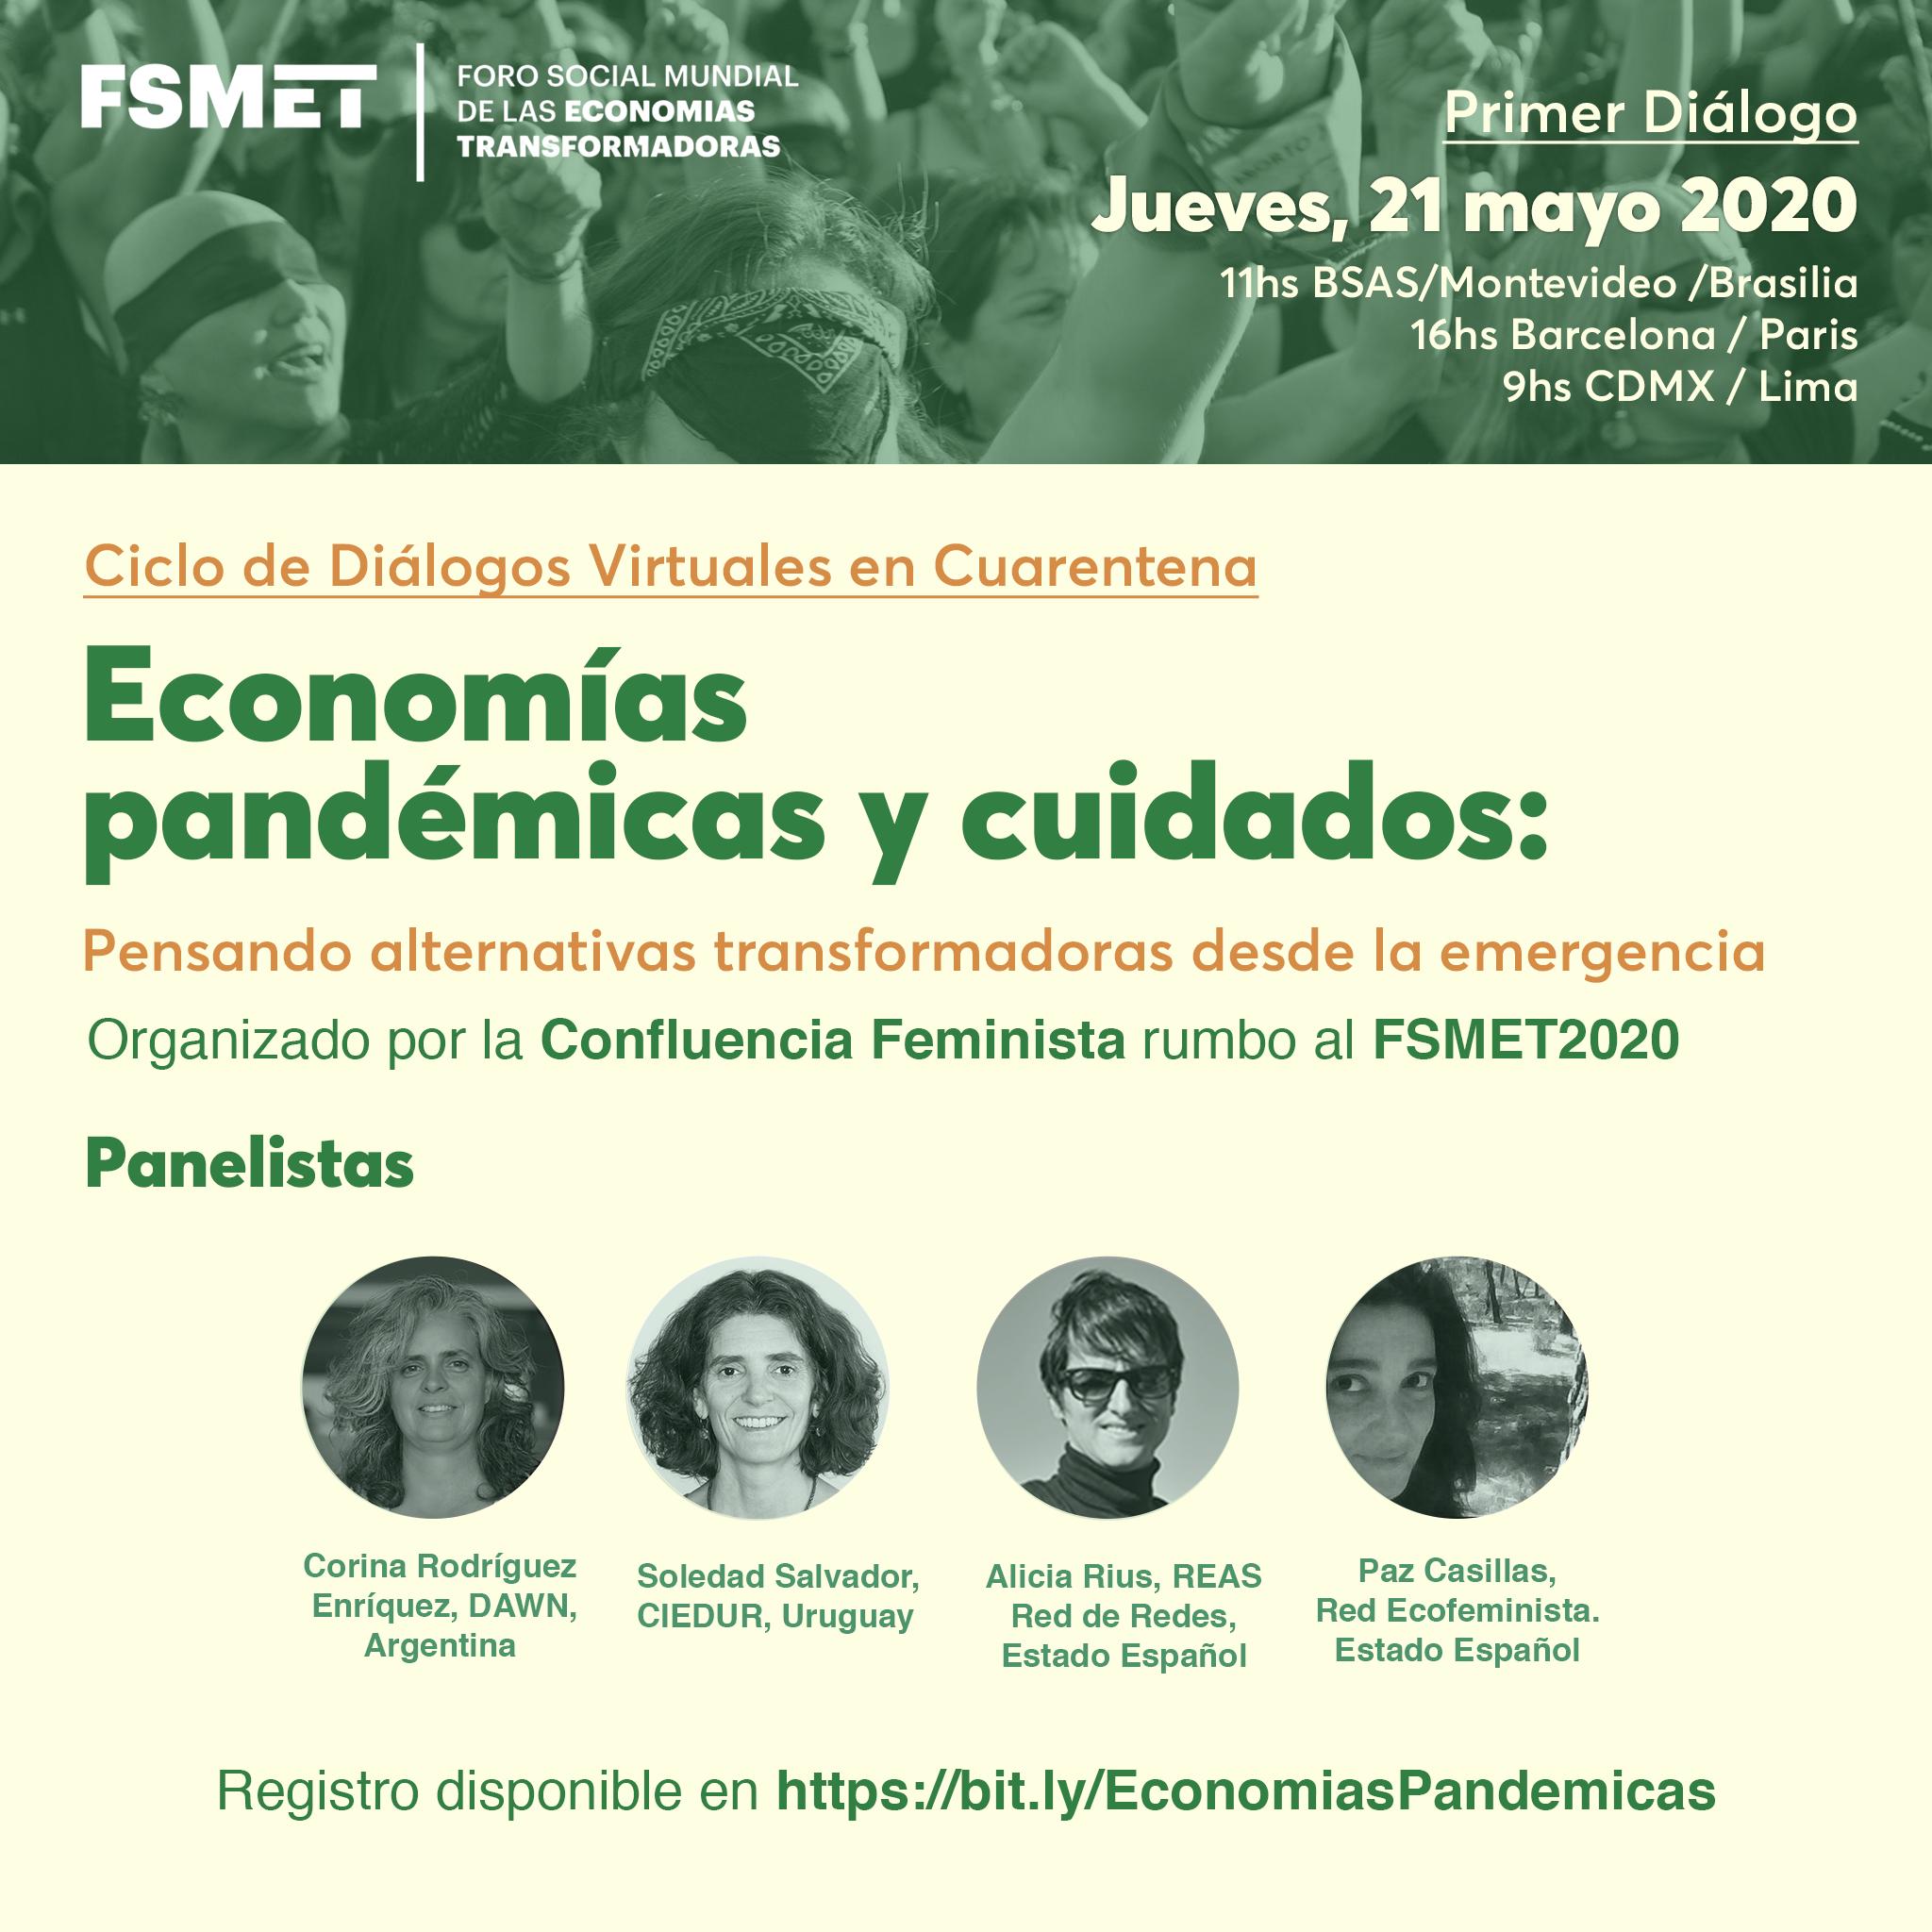 Economías pandémicas